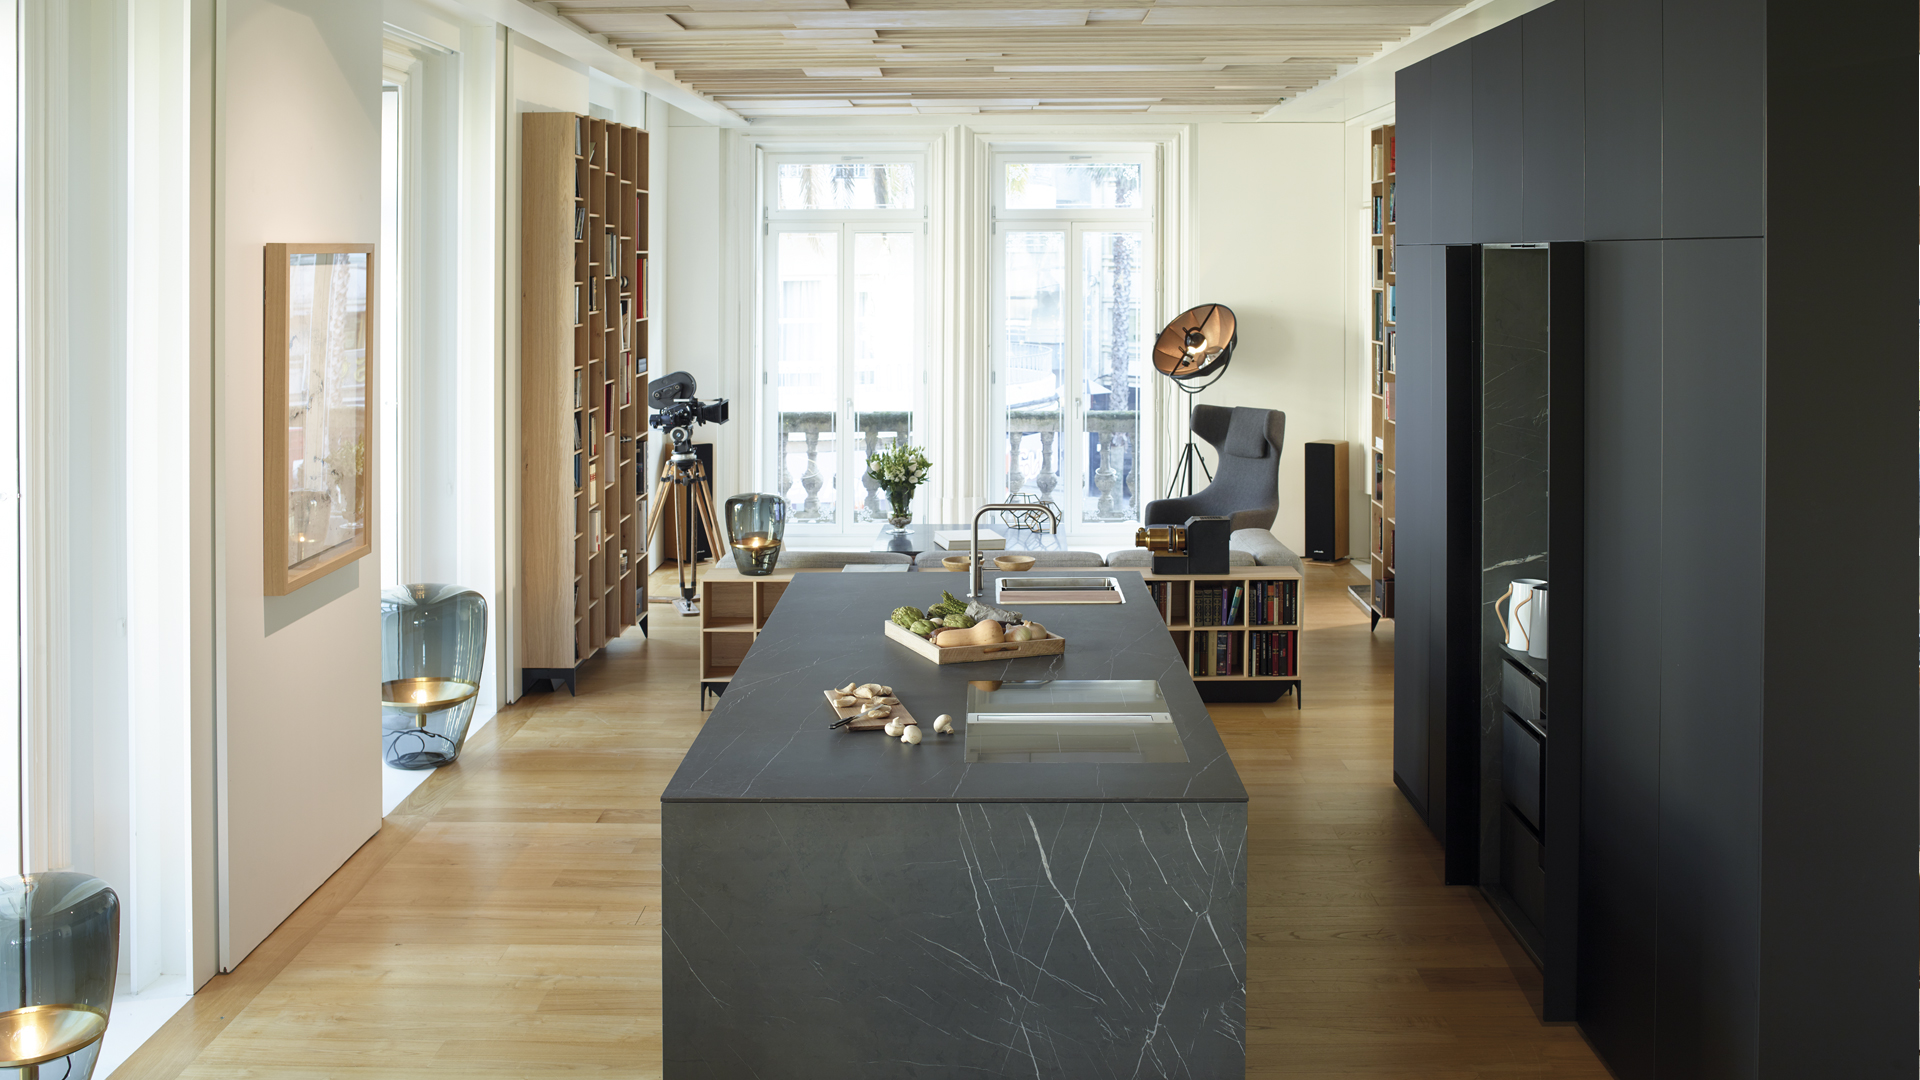 Image cocina-con-isla-abierta-comedor-salon-1